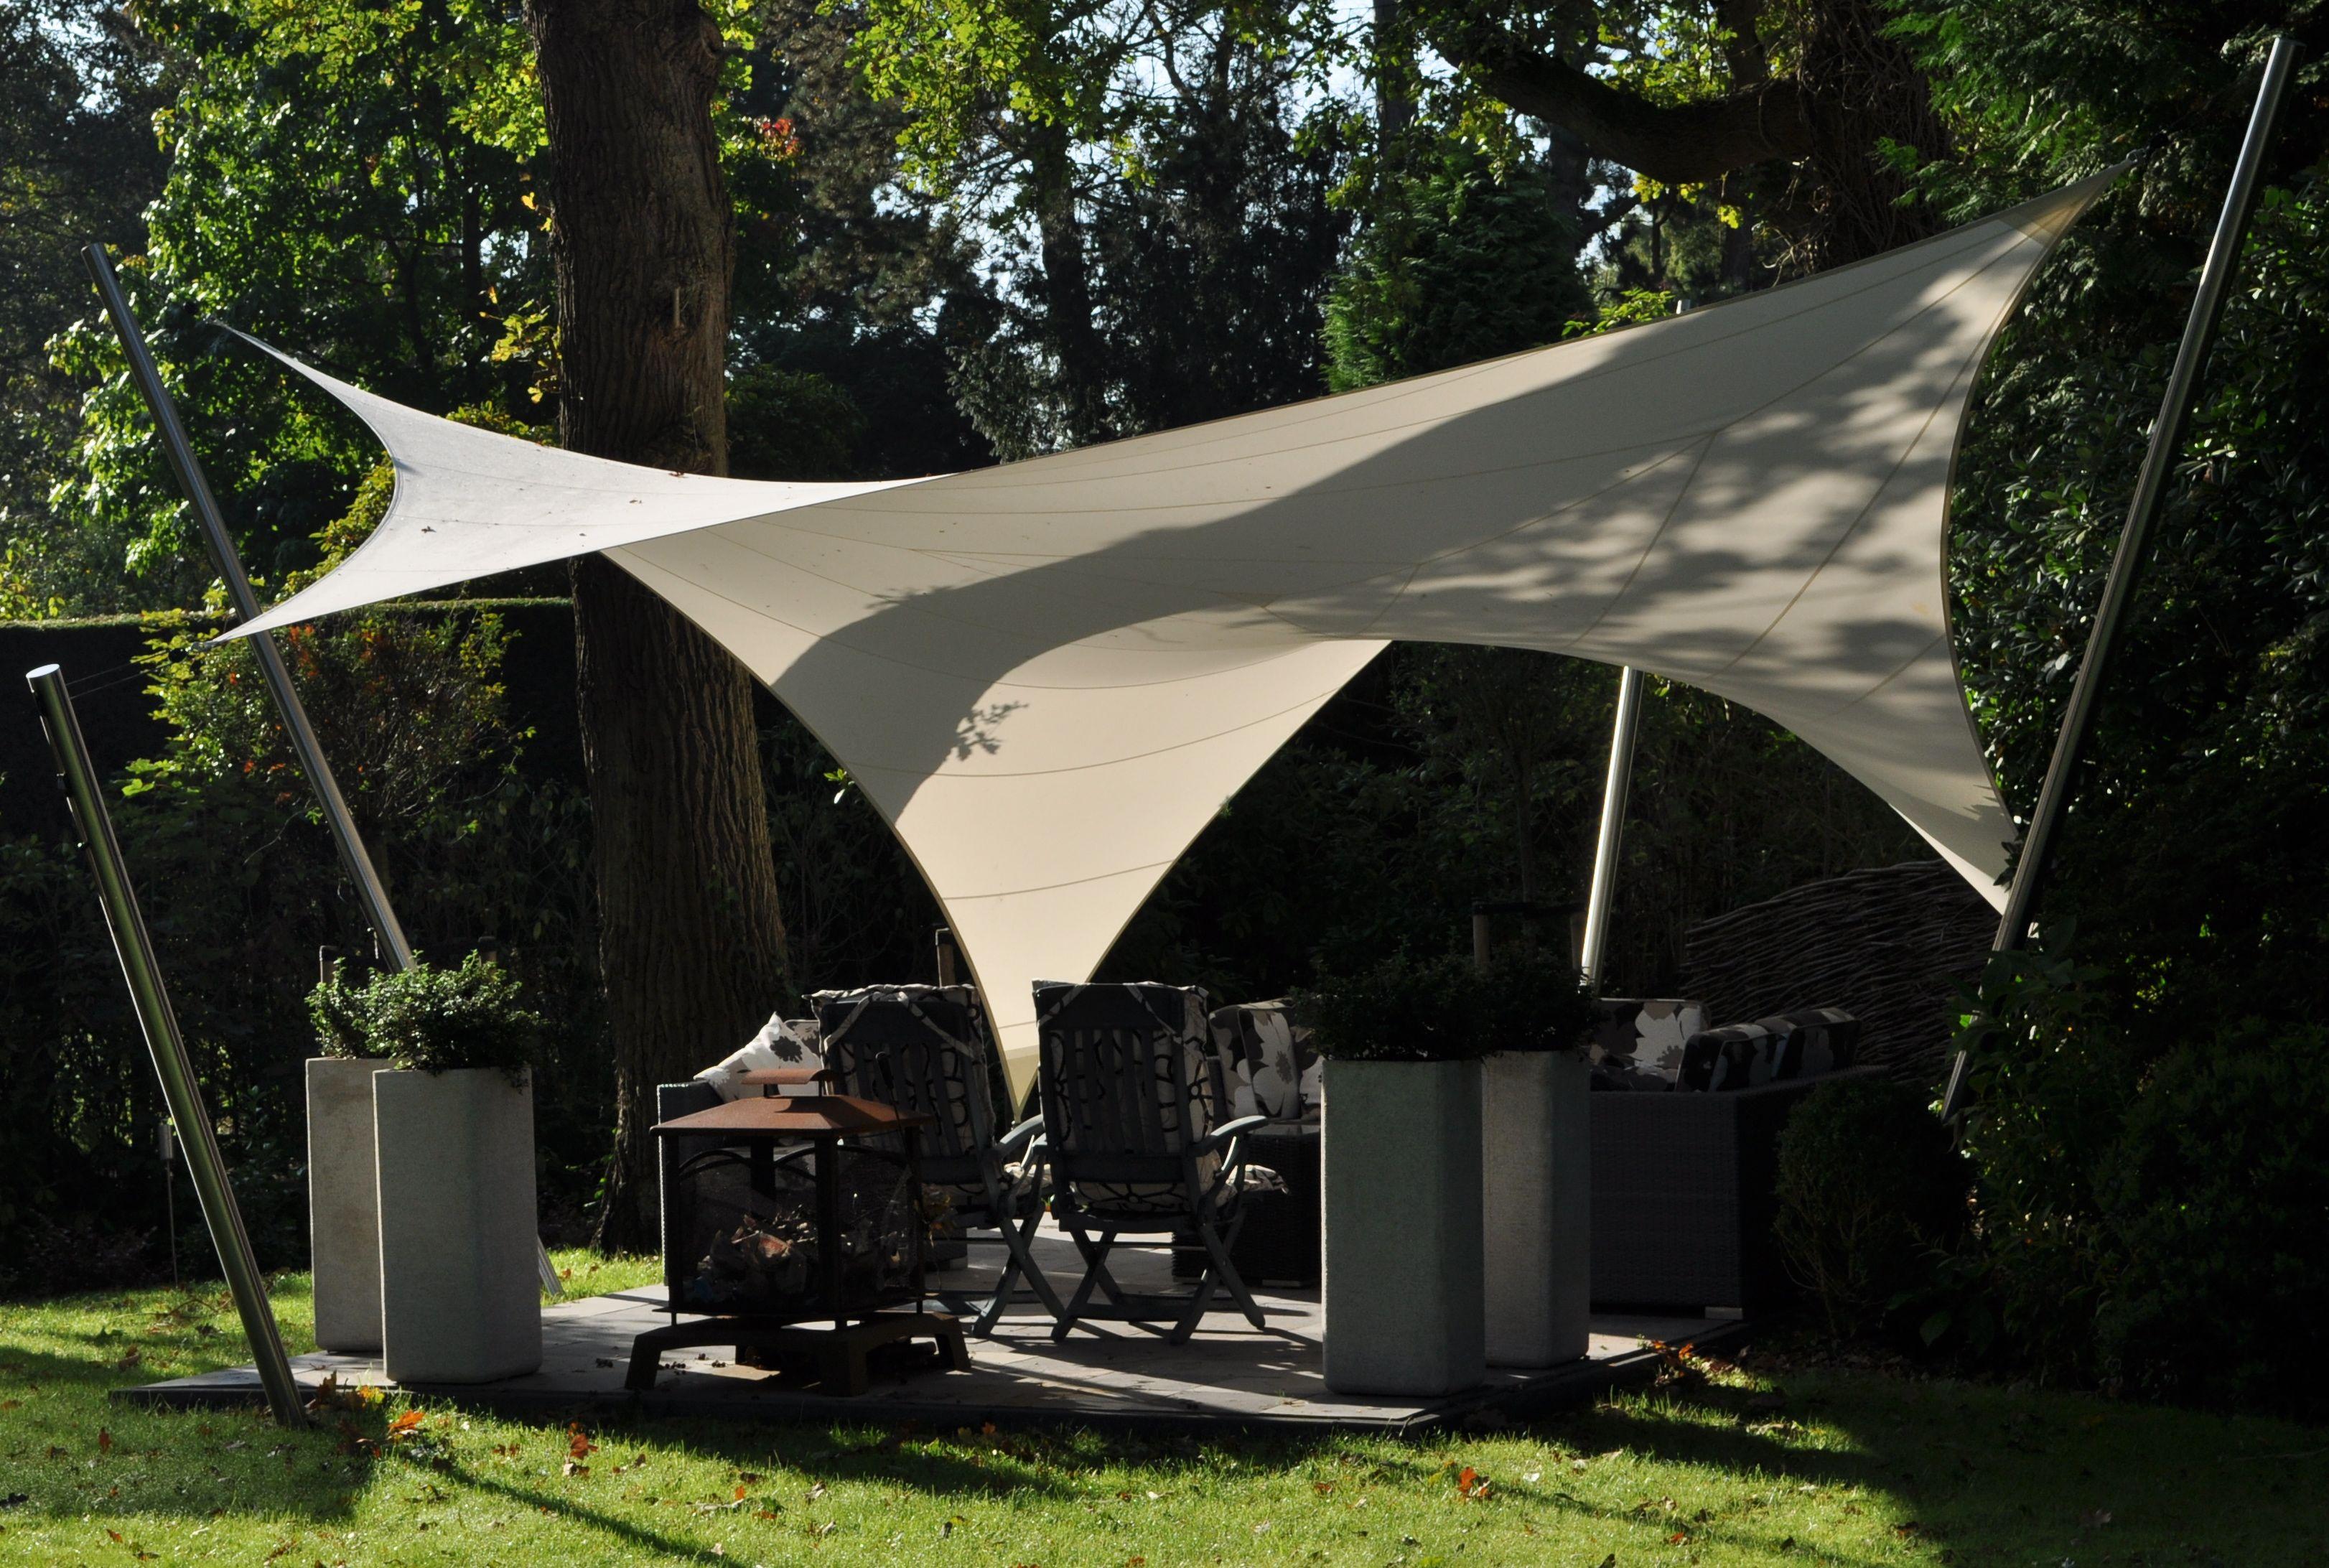 Tent Overkapping Tuin : De overkapping in tuin op maat zeiloverkapping in uw tuin